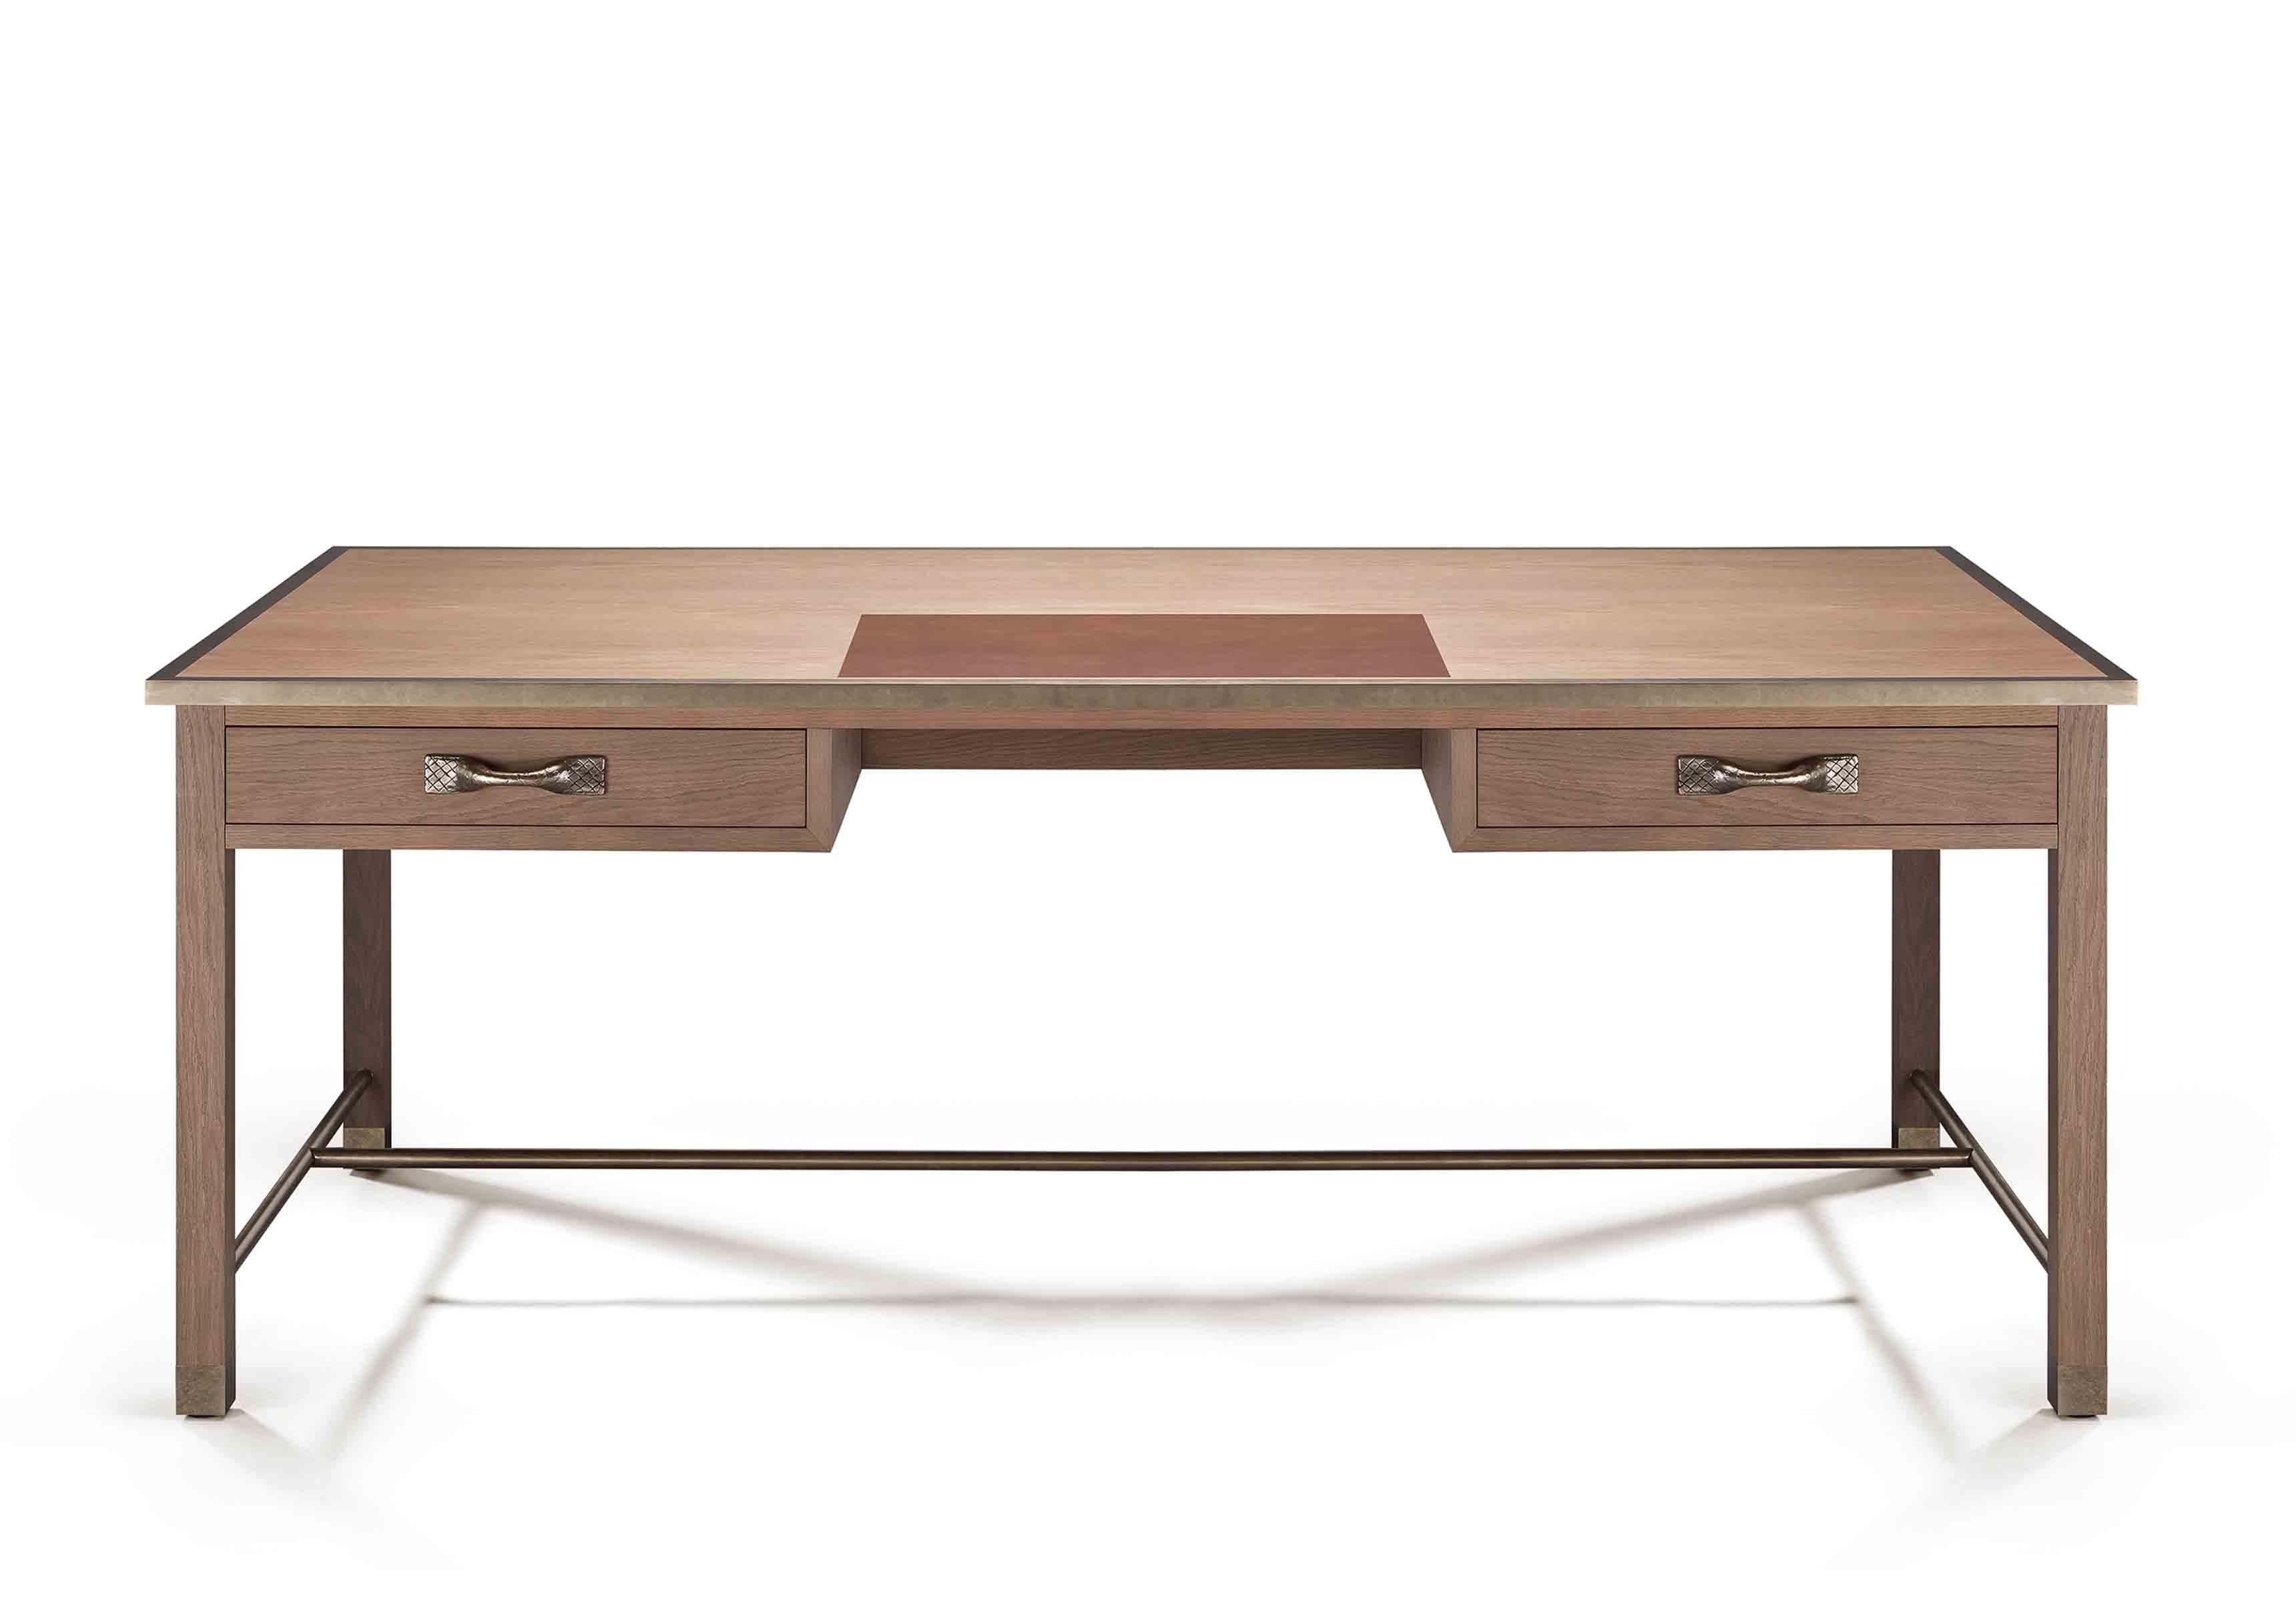 Bureau à deux tiroirs en chêne, coloris Doe, issu de la nouvelle collection Maison de Bottega Veneta, à l'occasion du Salone del Mobile de Milan.